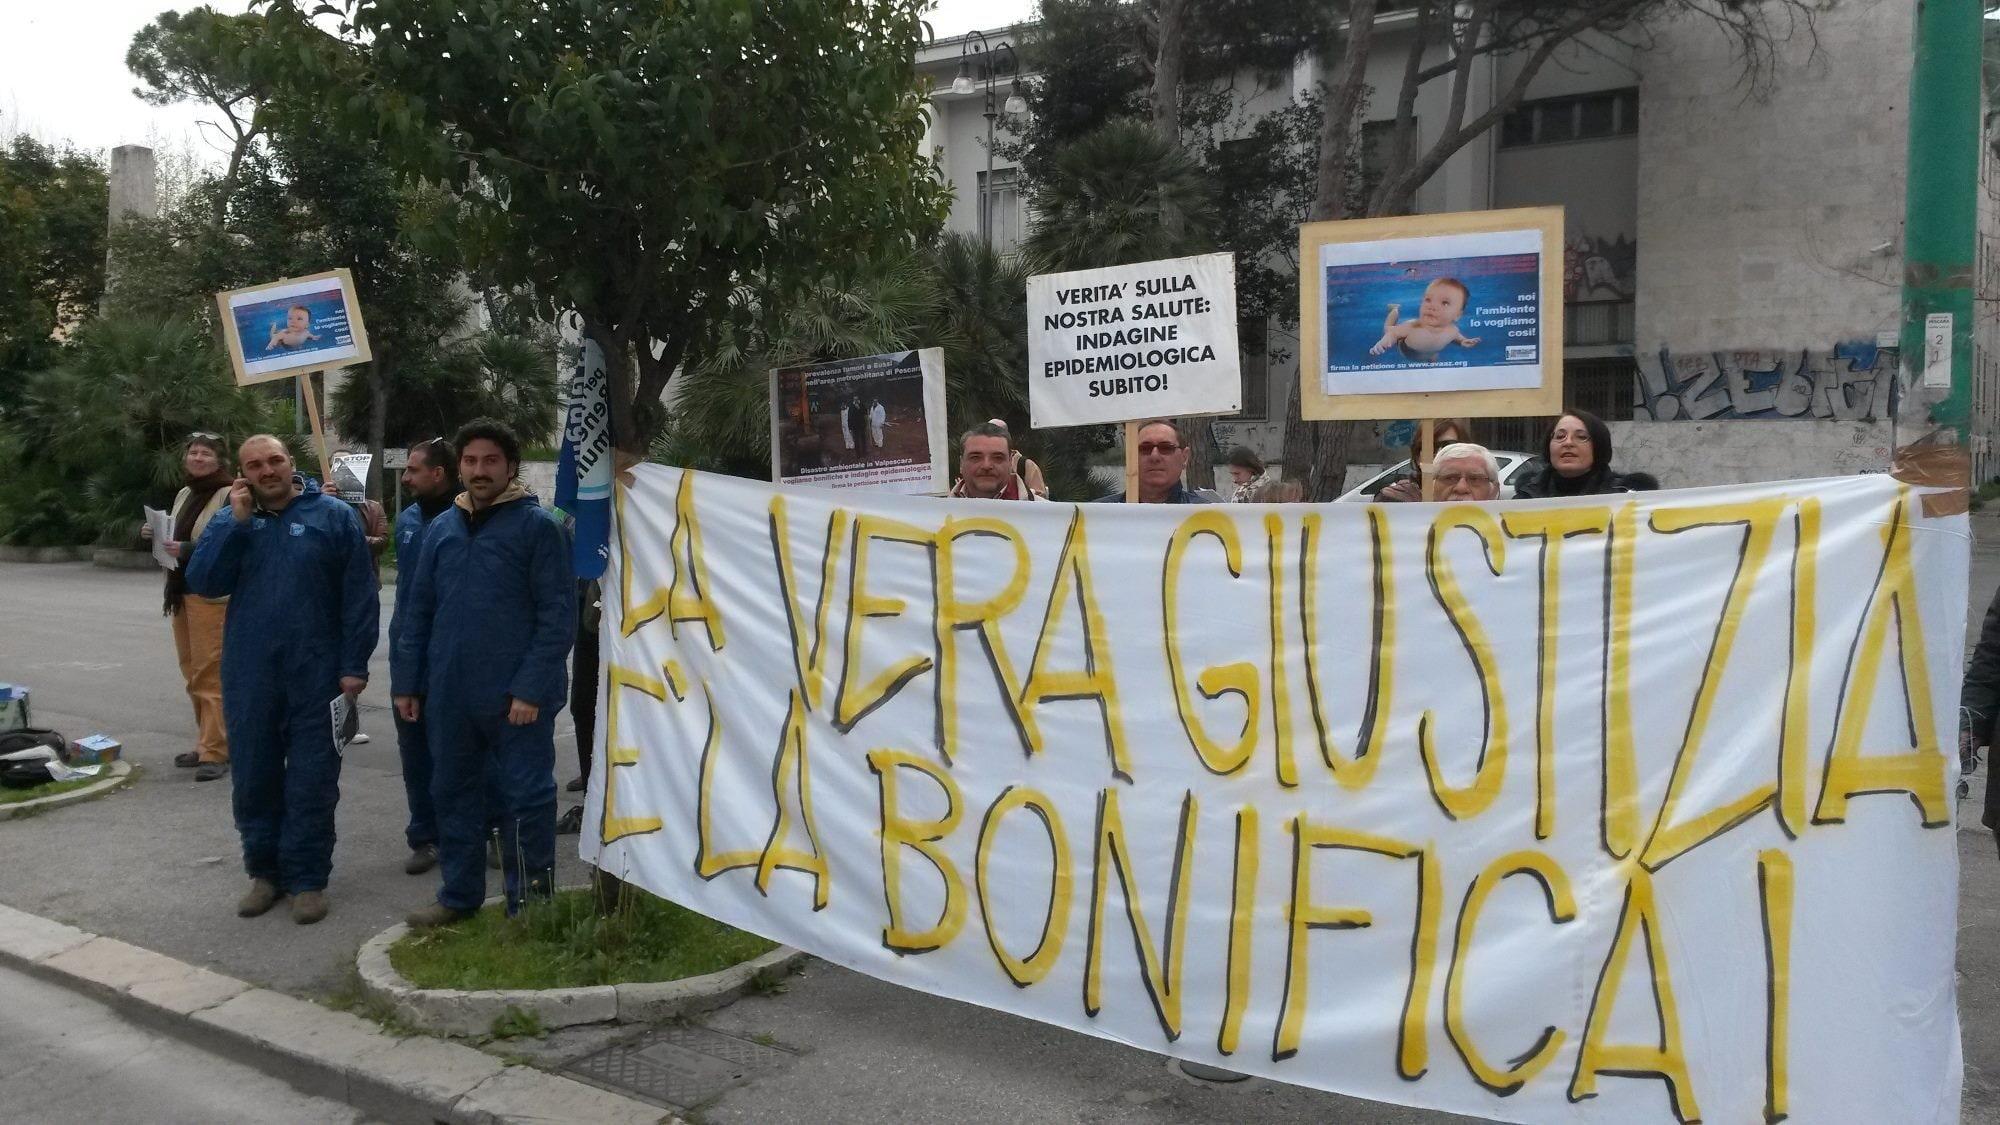 Manifestazione per chiedere la bonifica delle aree inquinata a Bussi sul Tirino (Forum Abruzzese dei Movimenti per l'Acqua)